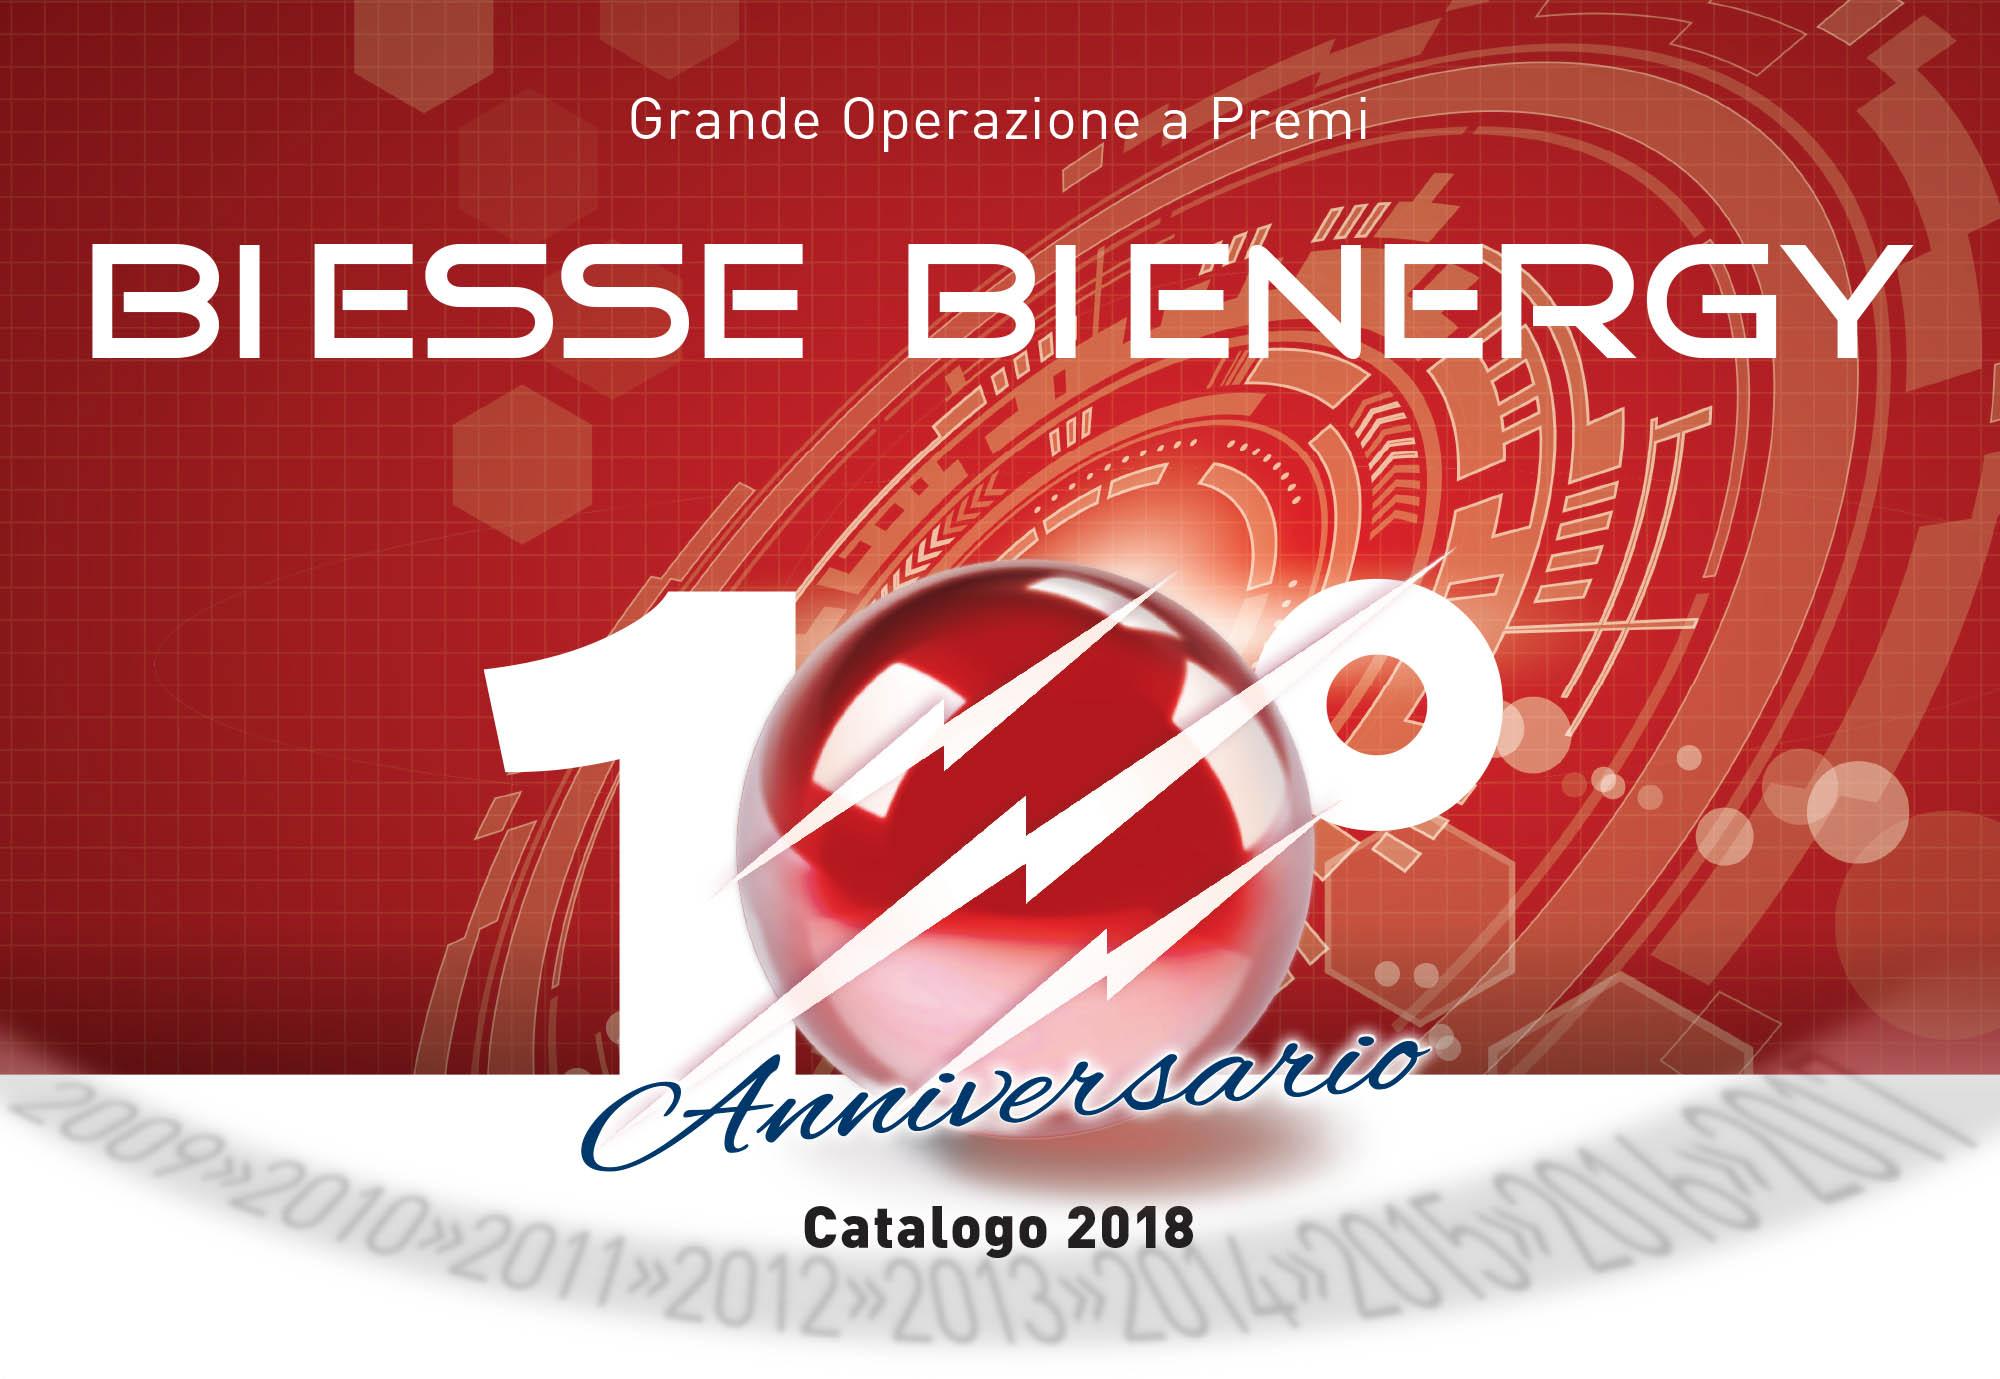 catalogo_2018-01